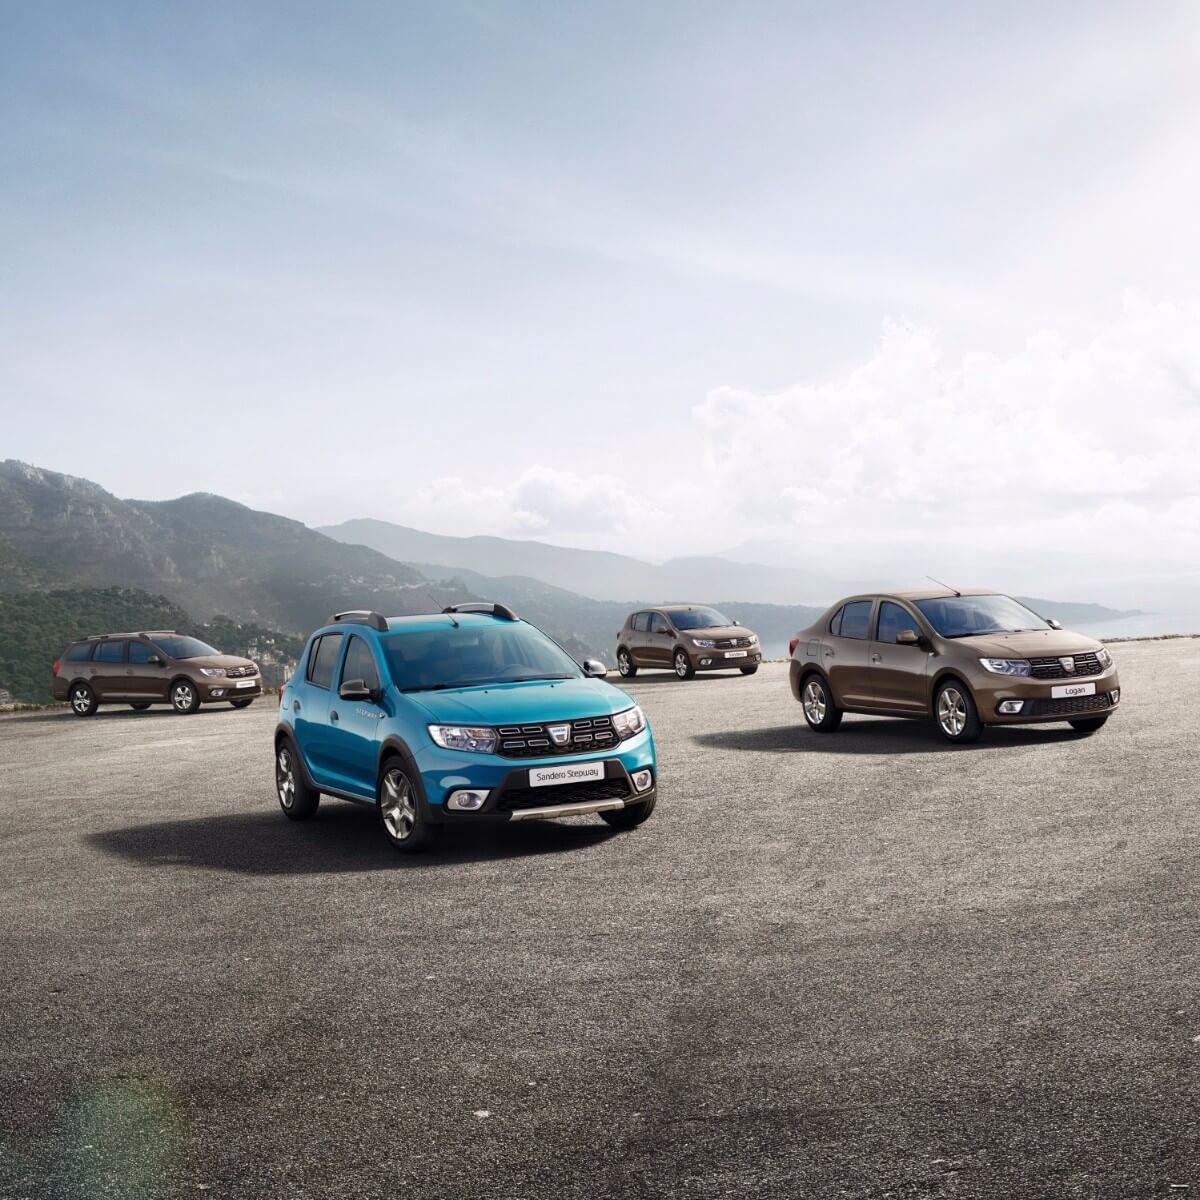 Dacia giver fire modeller facelift